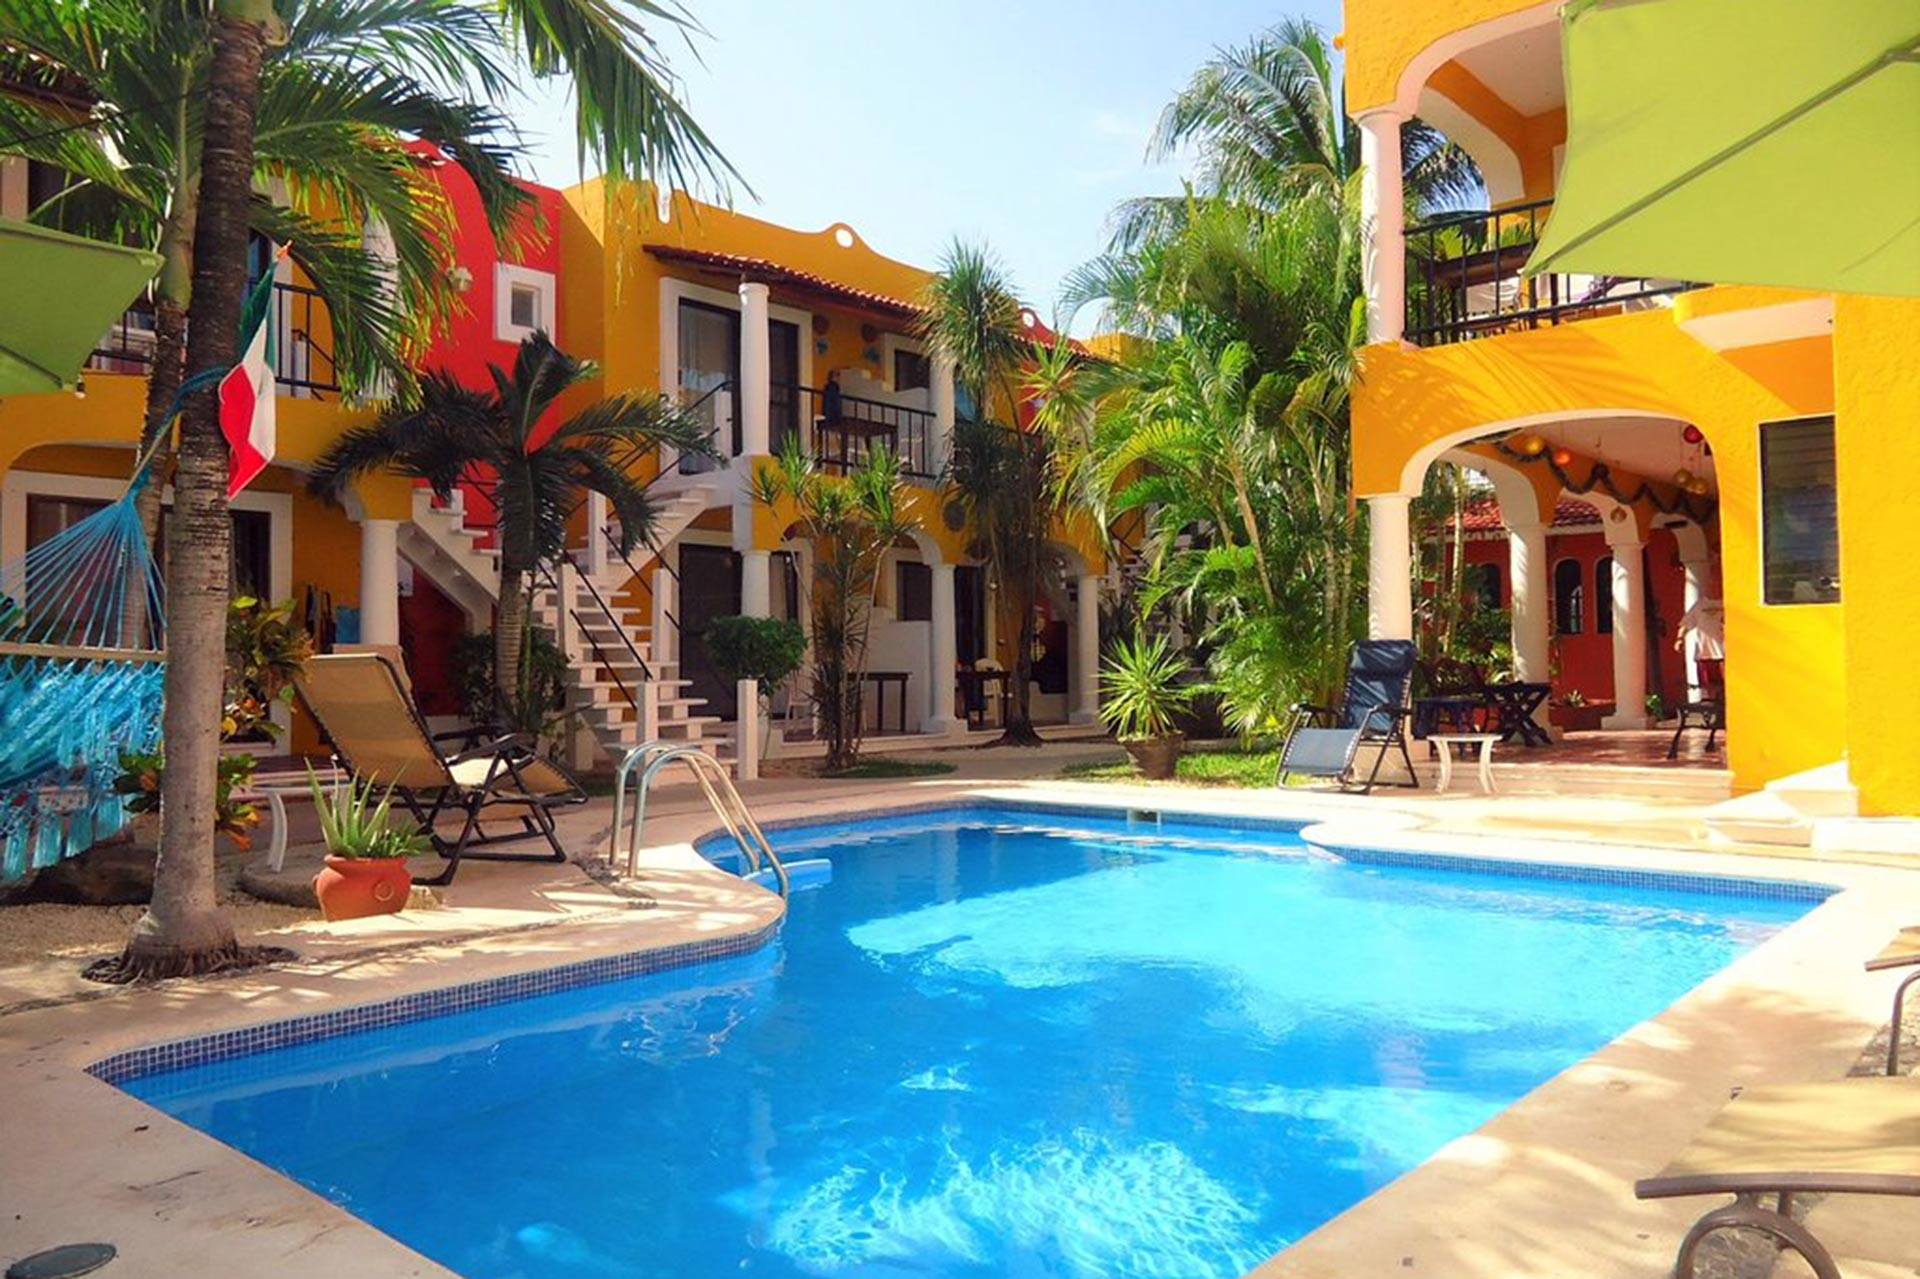 El Acuario Hotel in Mexico